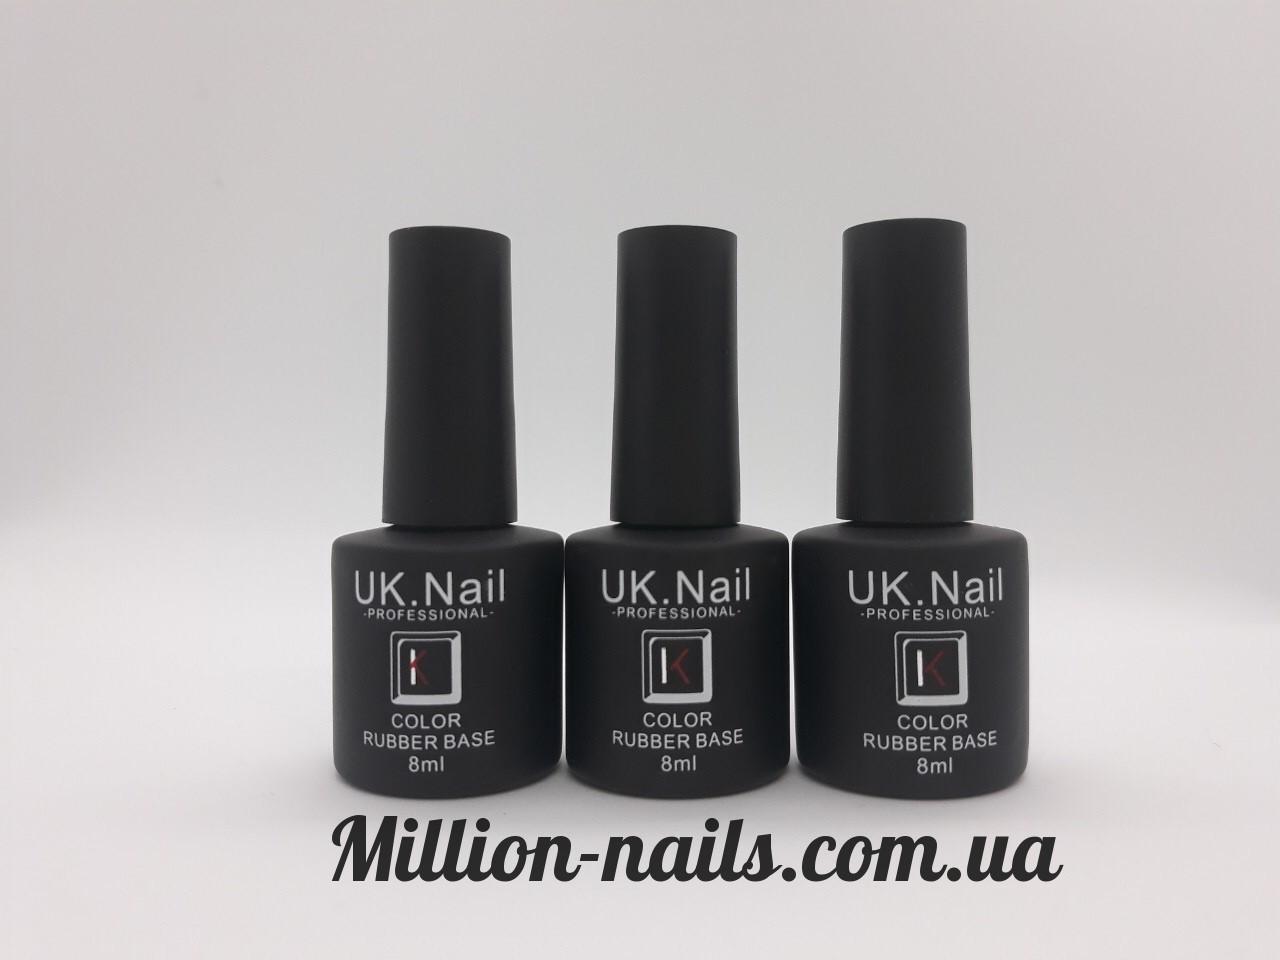 База для ногтей UK.Nail Color Rubber Base(цветная база) 8 мл.